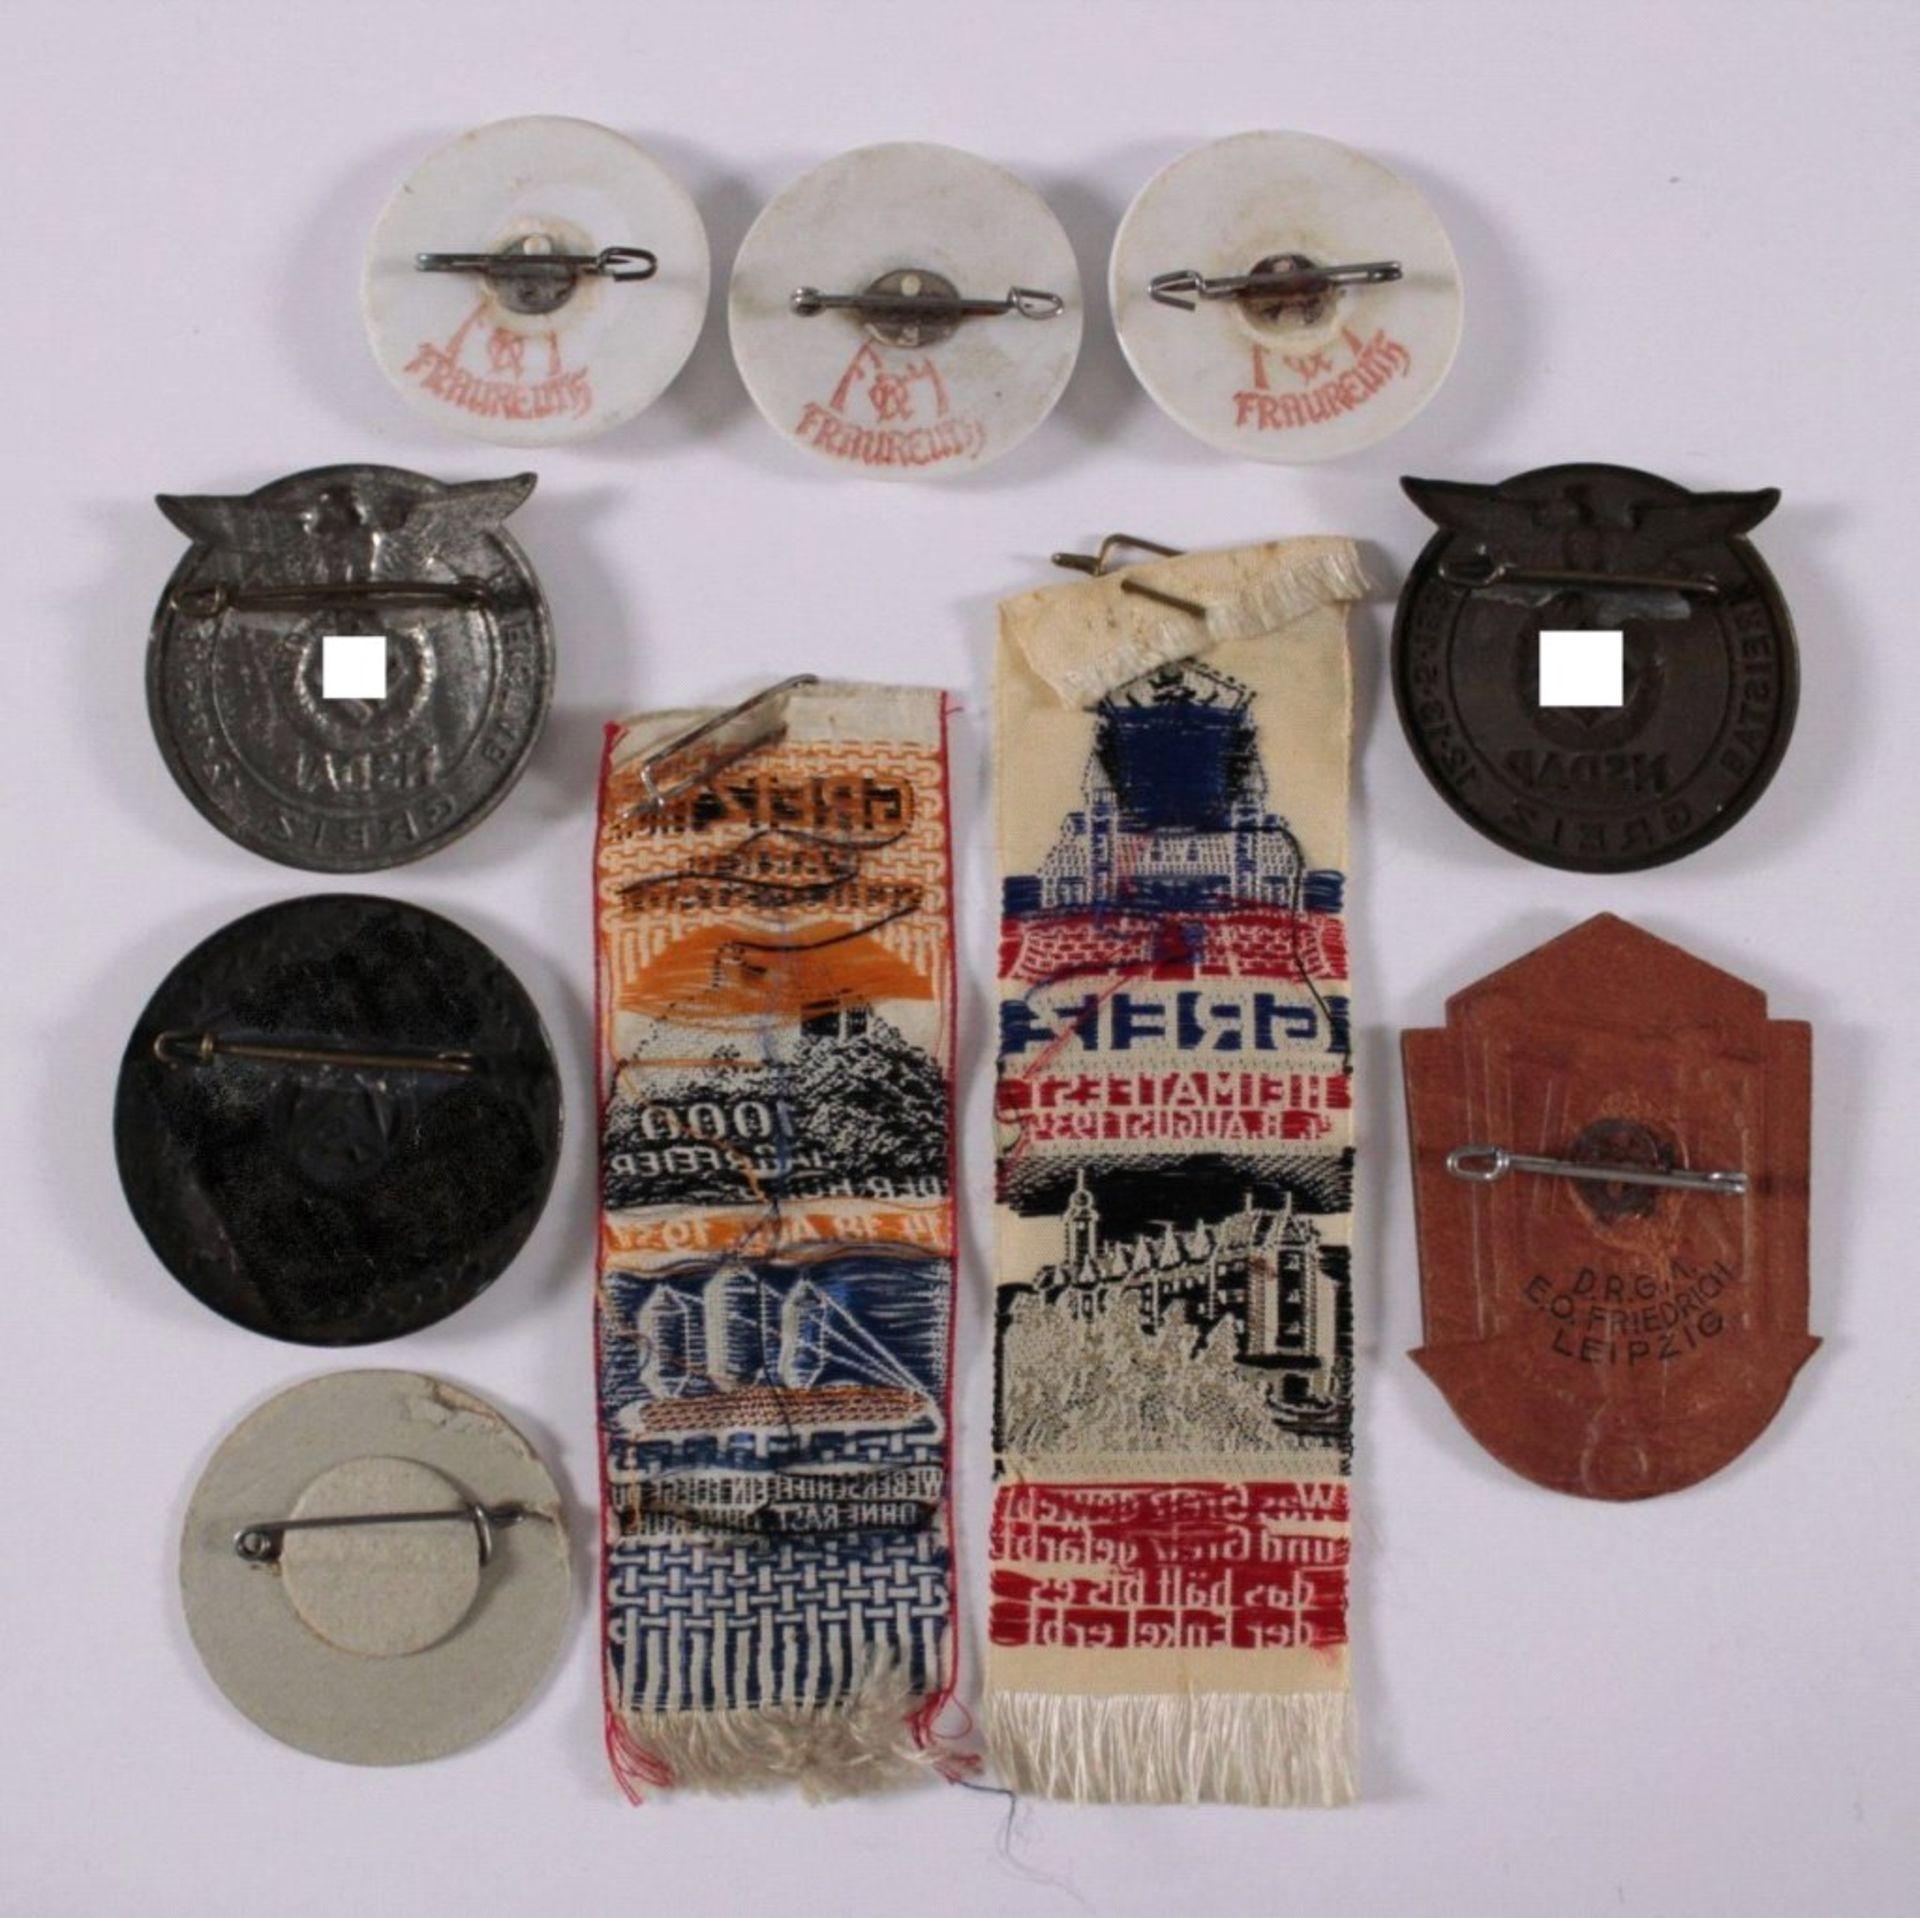 Tagungs- und Veranstaltungsabzeichen Greiz10 Stück von 1934-1937. Seidenbänder-, Leder-, Porzellan- - Bild 2 aus 2